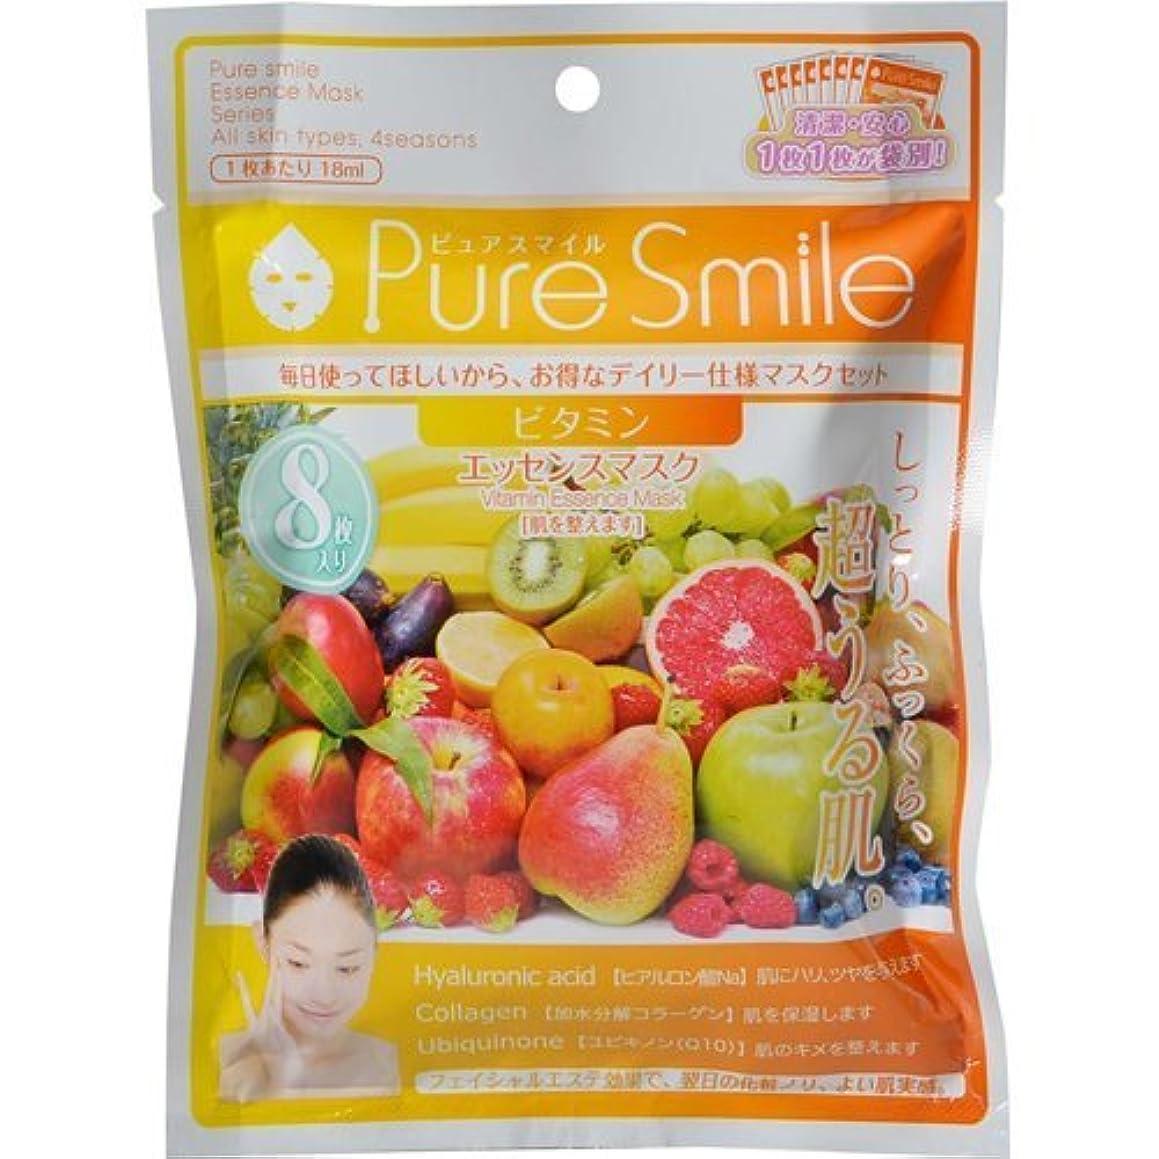 彼女は自体消毒するPure Smile エッセンスマスク8枚セット ビタミン 8枚